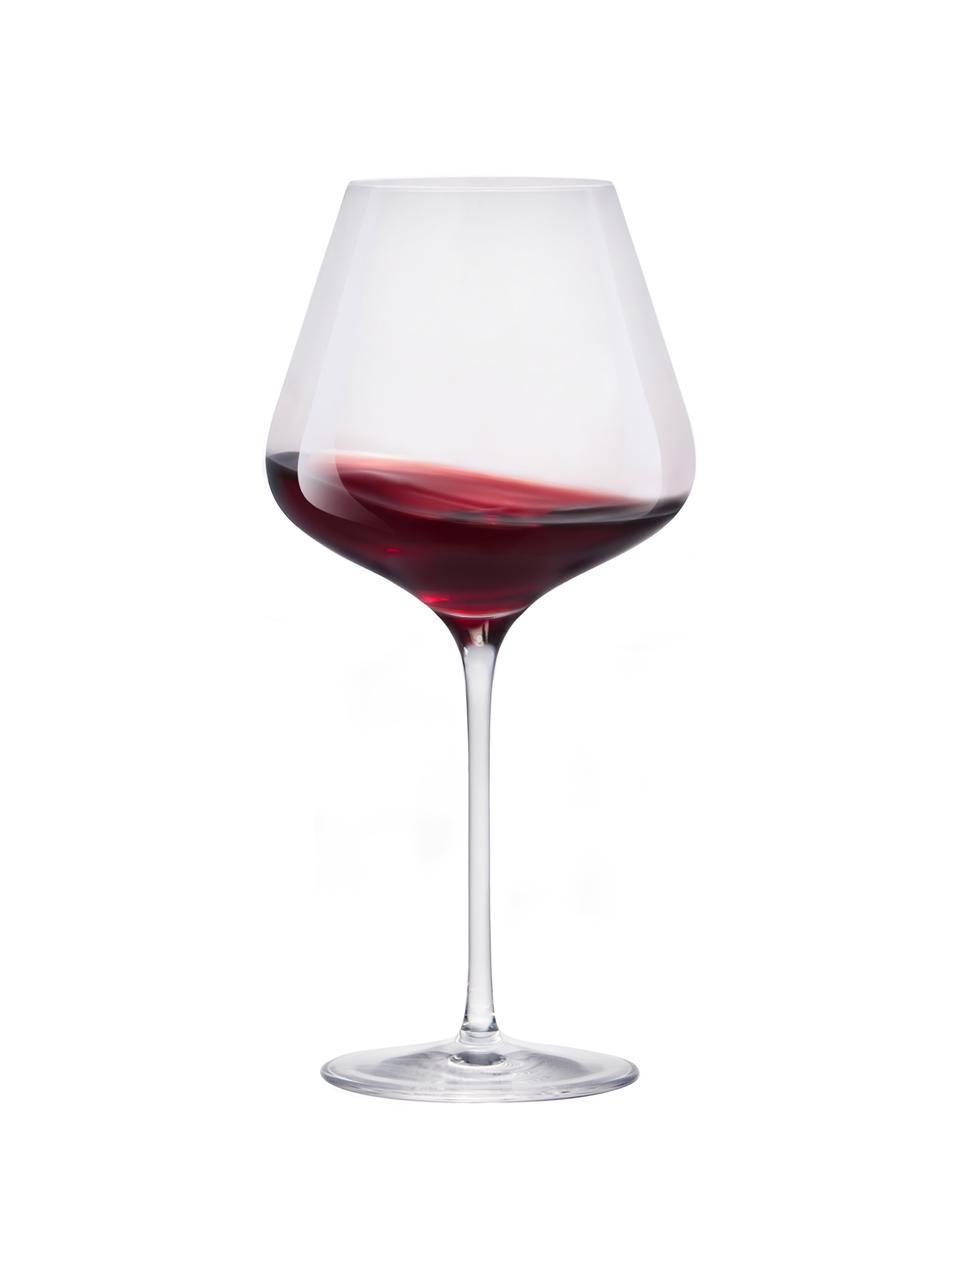 Kieliszek do czerwonego wina ze szkła kryształowego Quatrophil, 6 szt., Szkło kryształowe, Transparentny, Ø 12 x W 25 cm